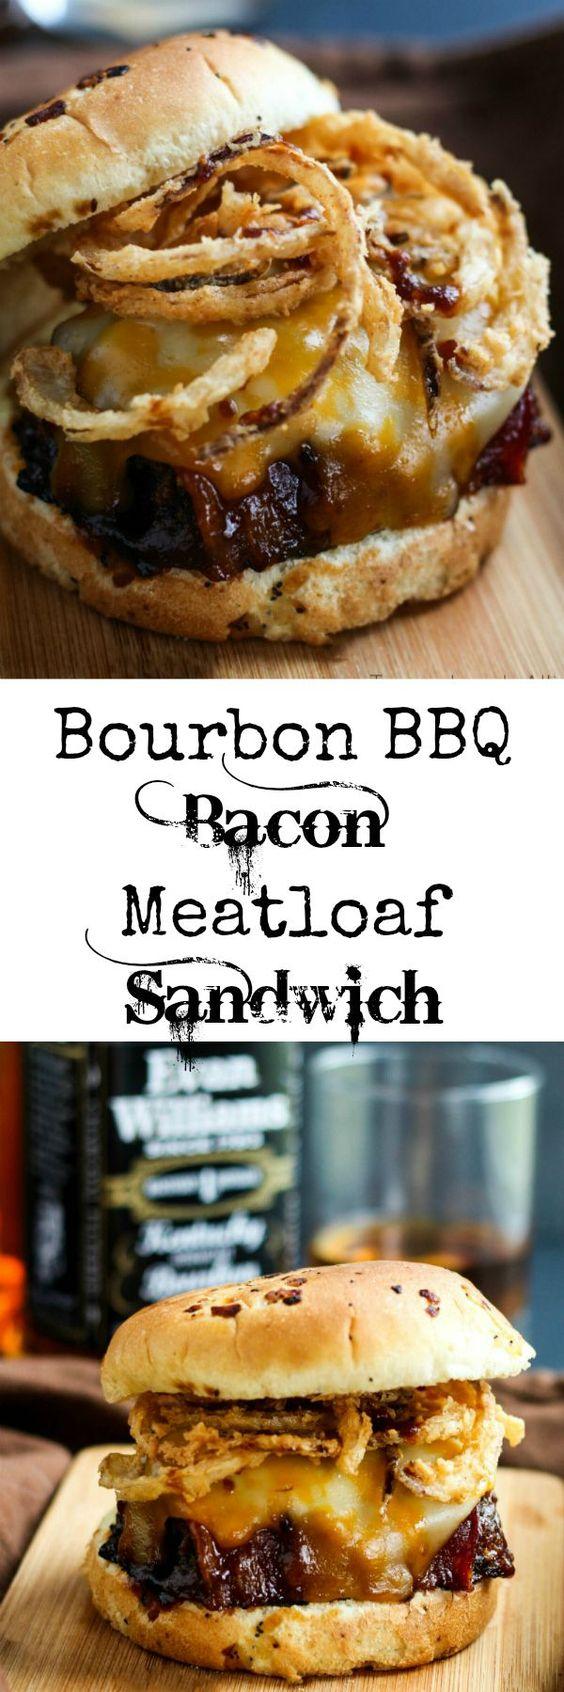 meatloaf sandwich bourbon bbq sauces bacon sandwiches straws sauces ...